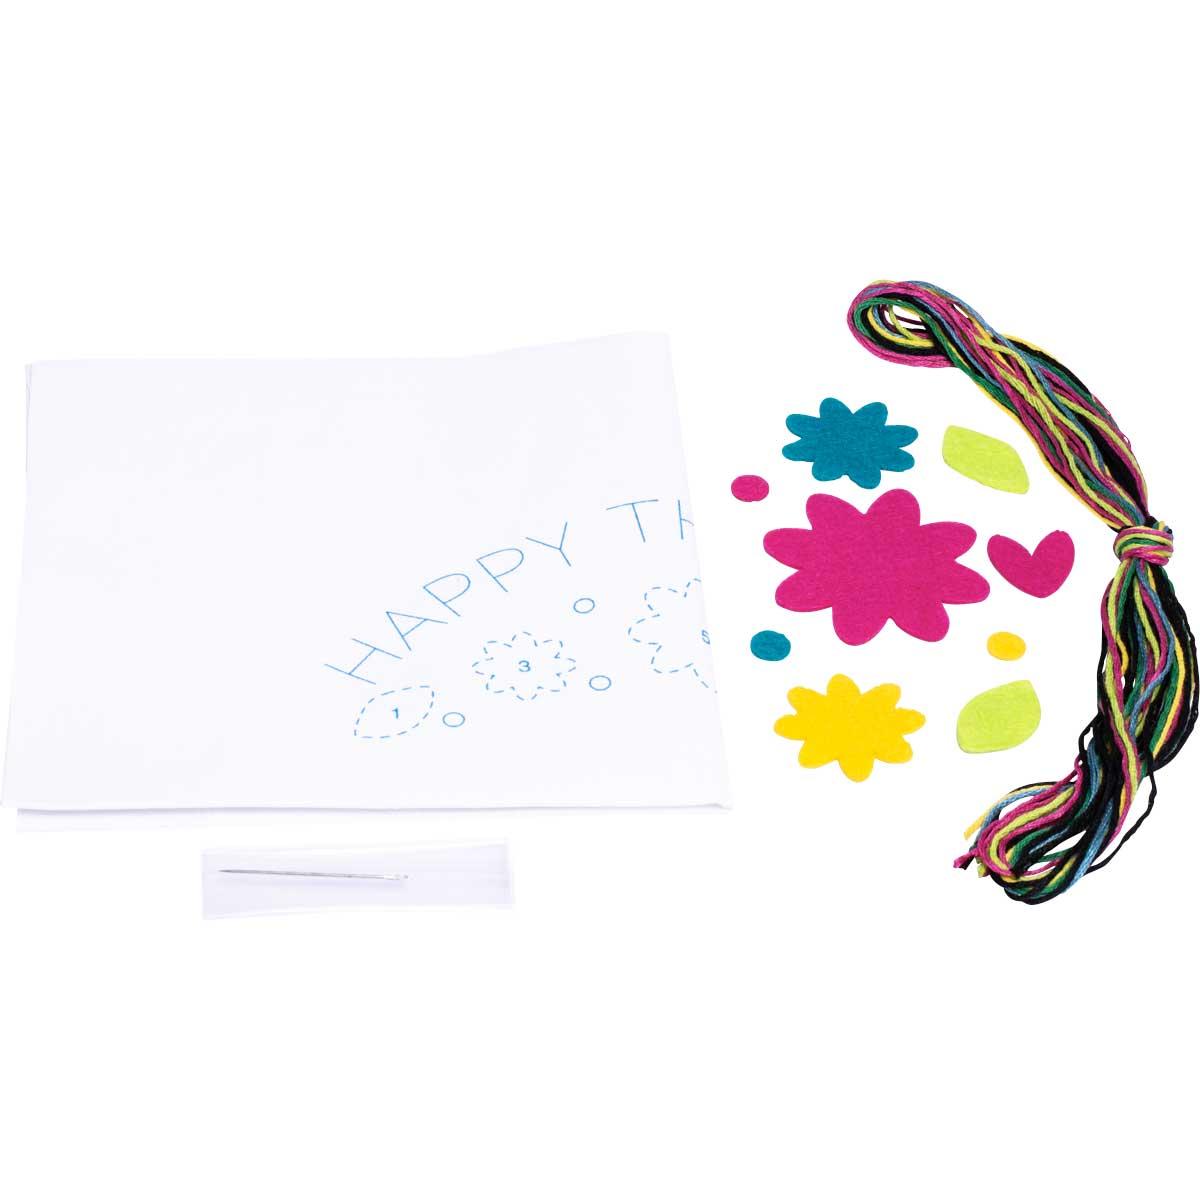 Bucilla ® My 1st Stitch™ - Stamped Cross Stitch Kits - Happy Thoughts - 47818E